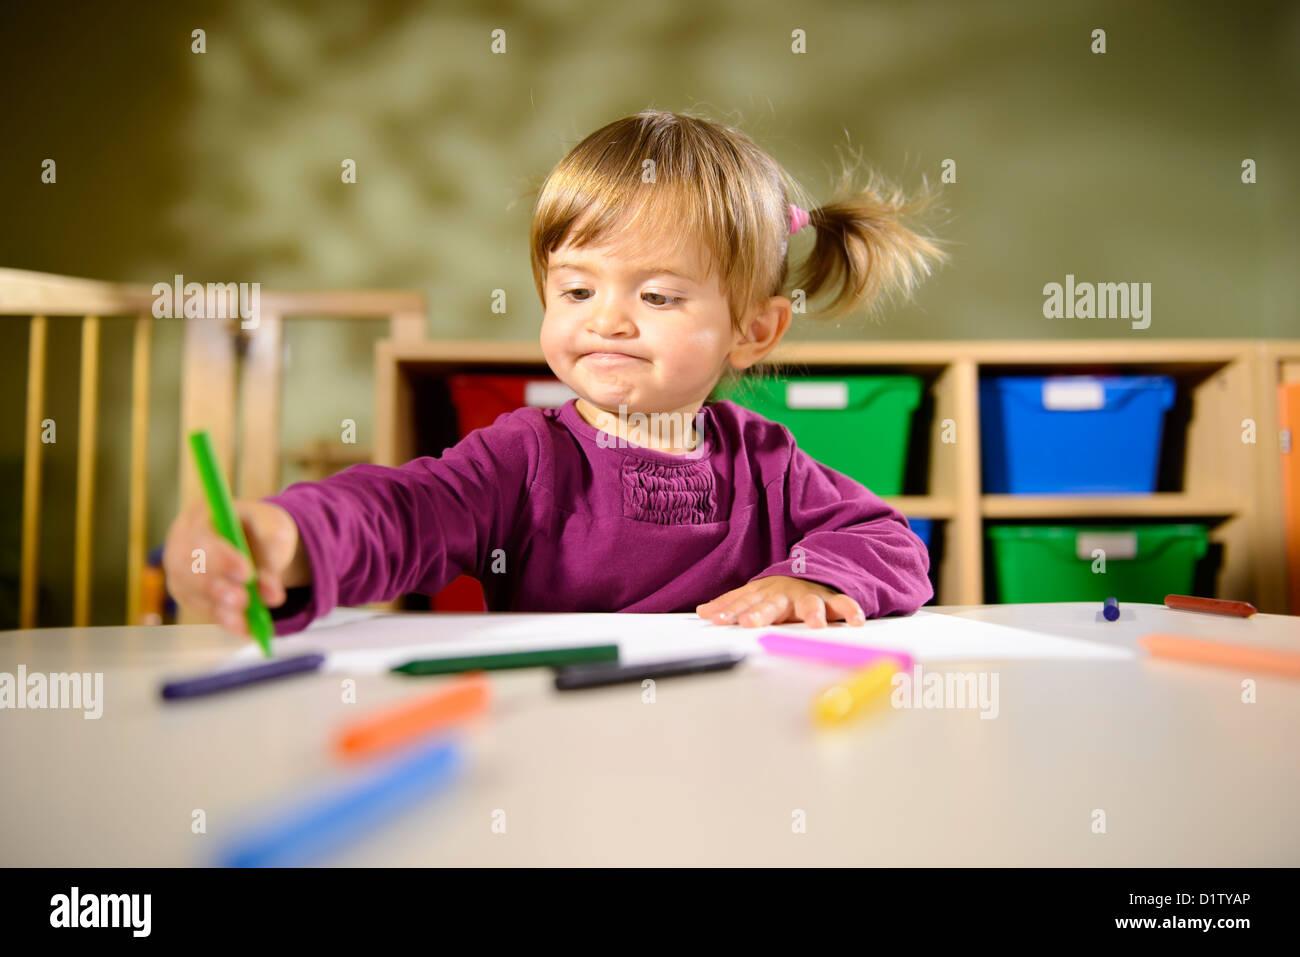 Niña divirtiéndose en la escuela y el dibujo con colores en kindergarten. Imagen De Stock